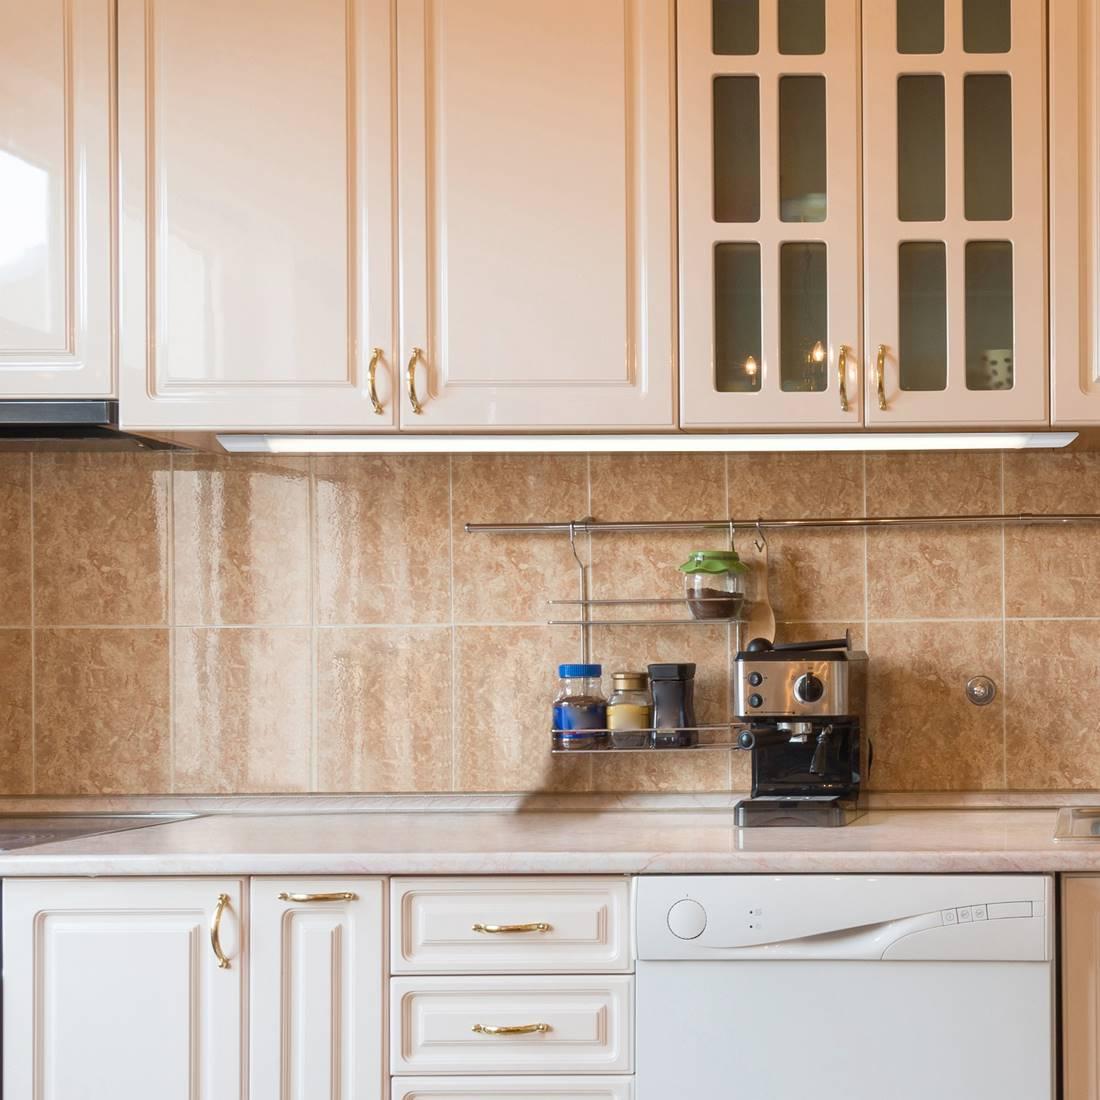 Full Size of Küchenleuchte Kchenleuchte Led Batten Light Kunststoff Wei L2 Wohnzimmer Küchenleuchte